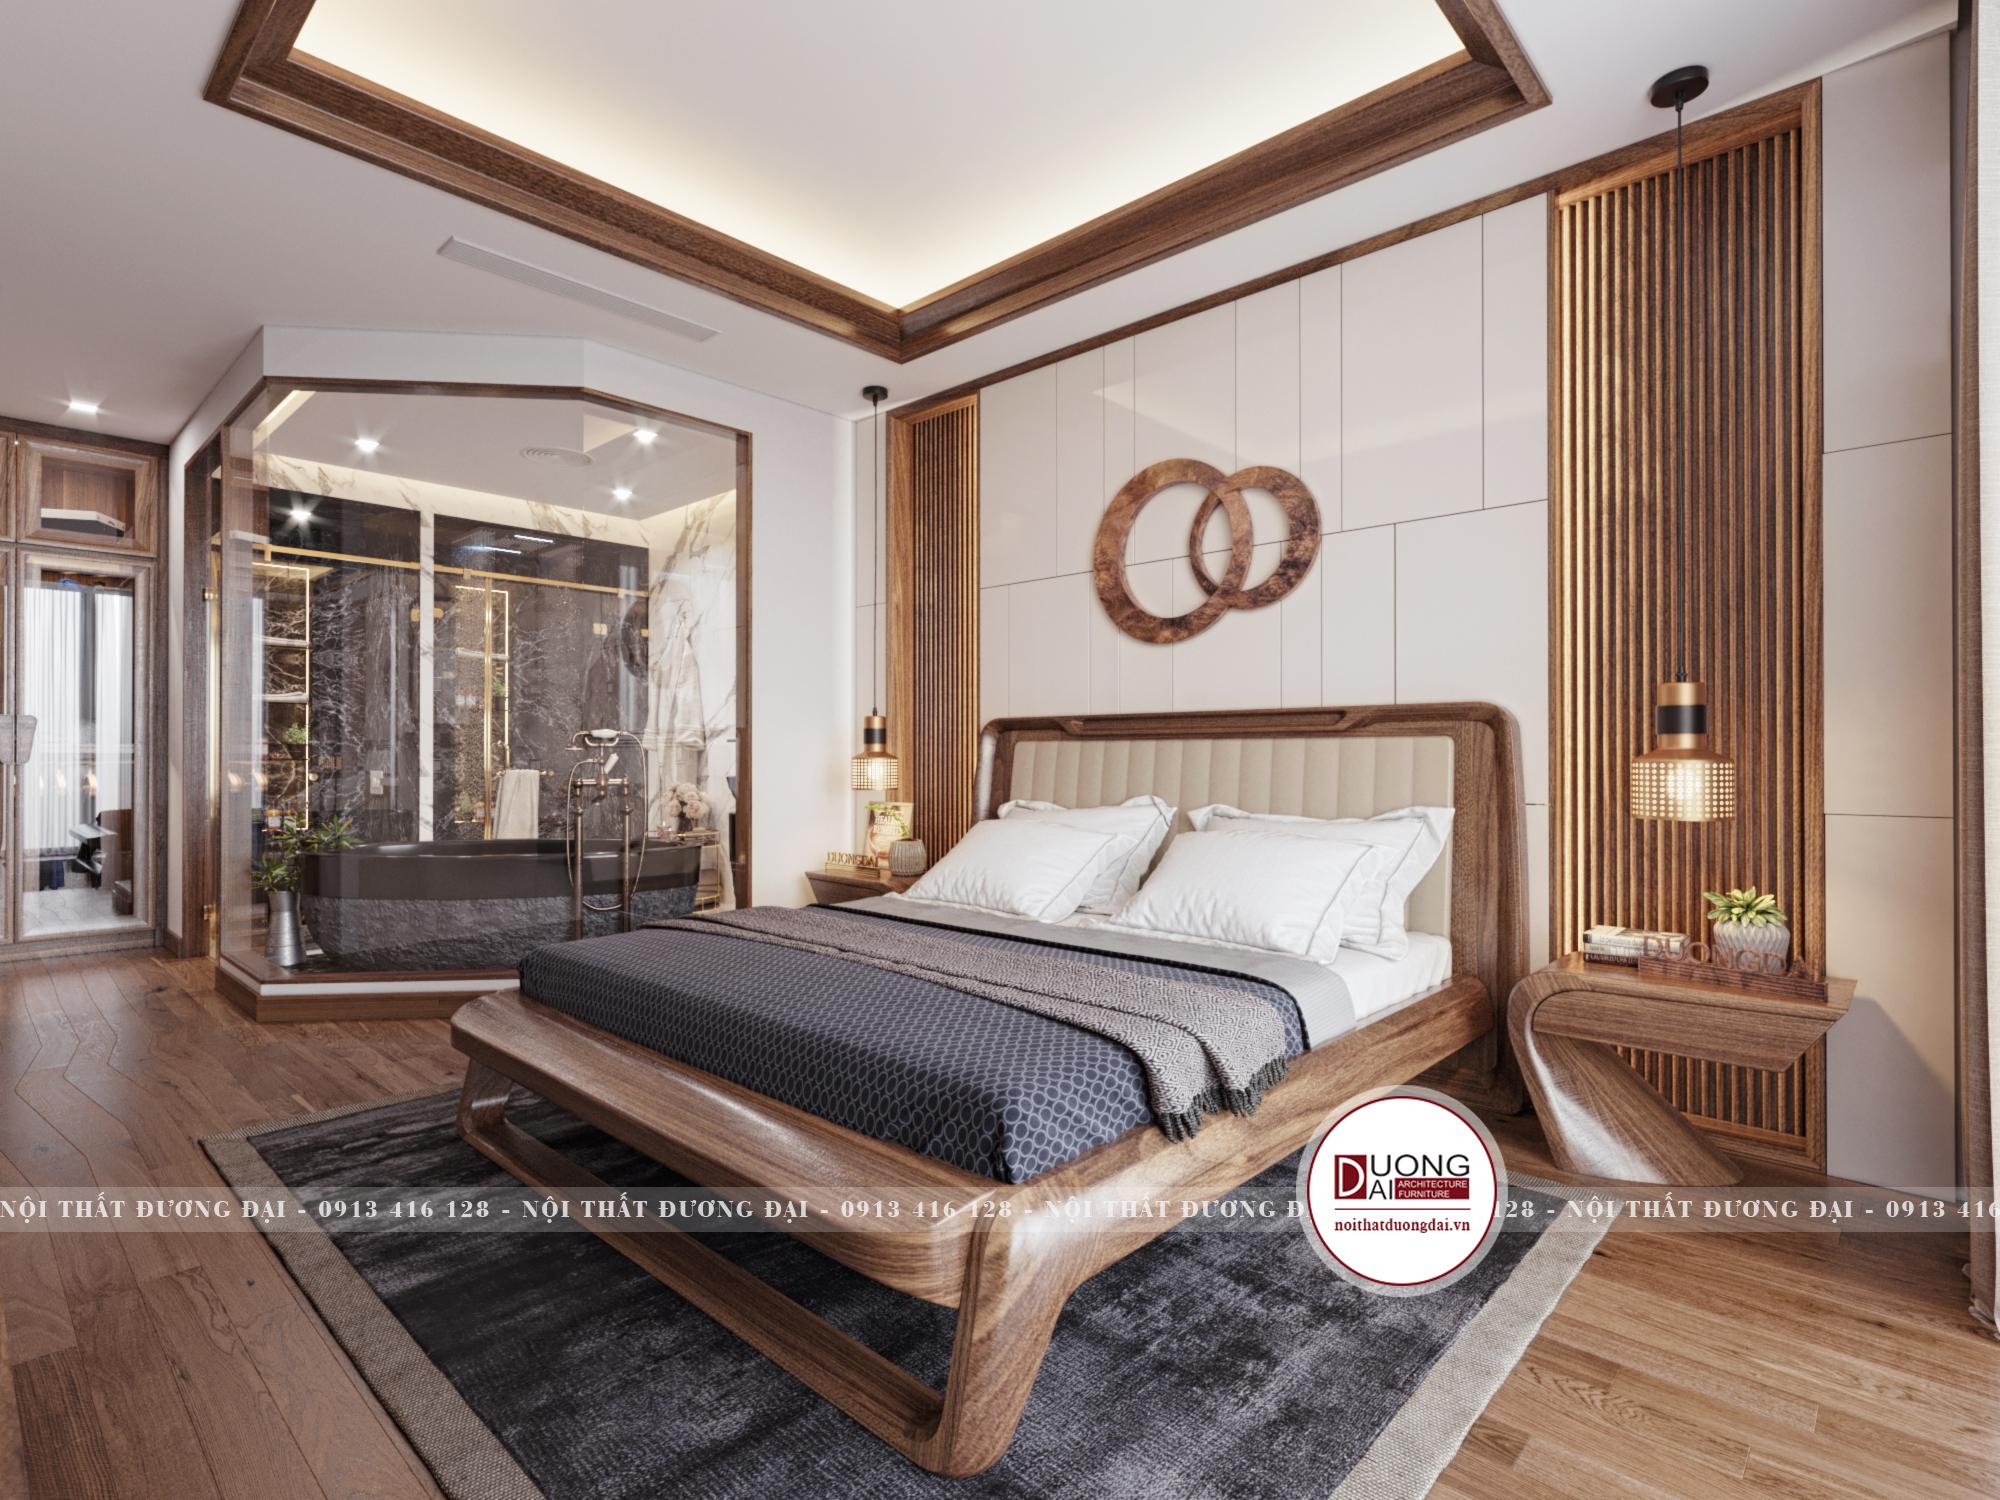 Thiết kế nội thất Chung Cư tại Hà Nội SKY VILLA 01 TẦNG 2 1632153748 6